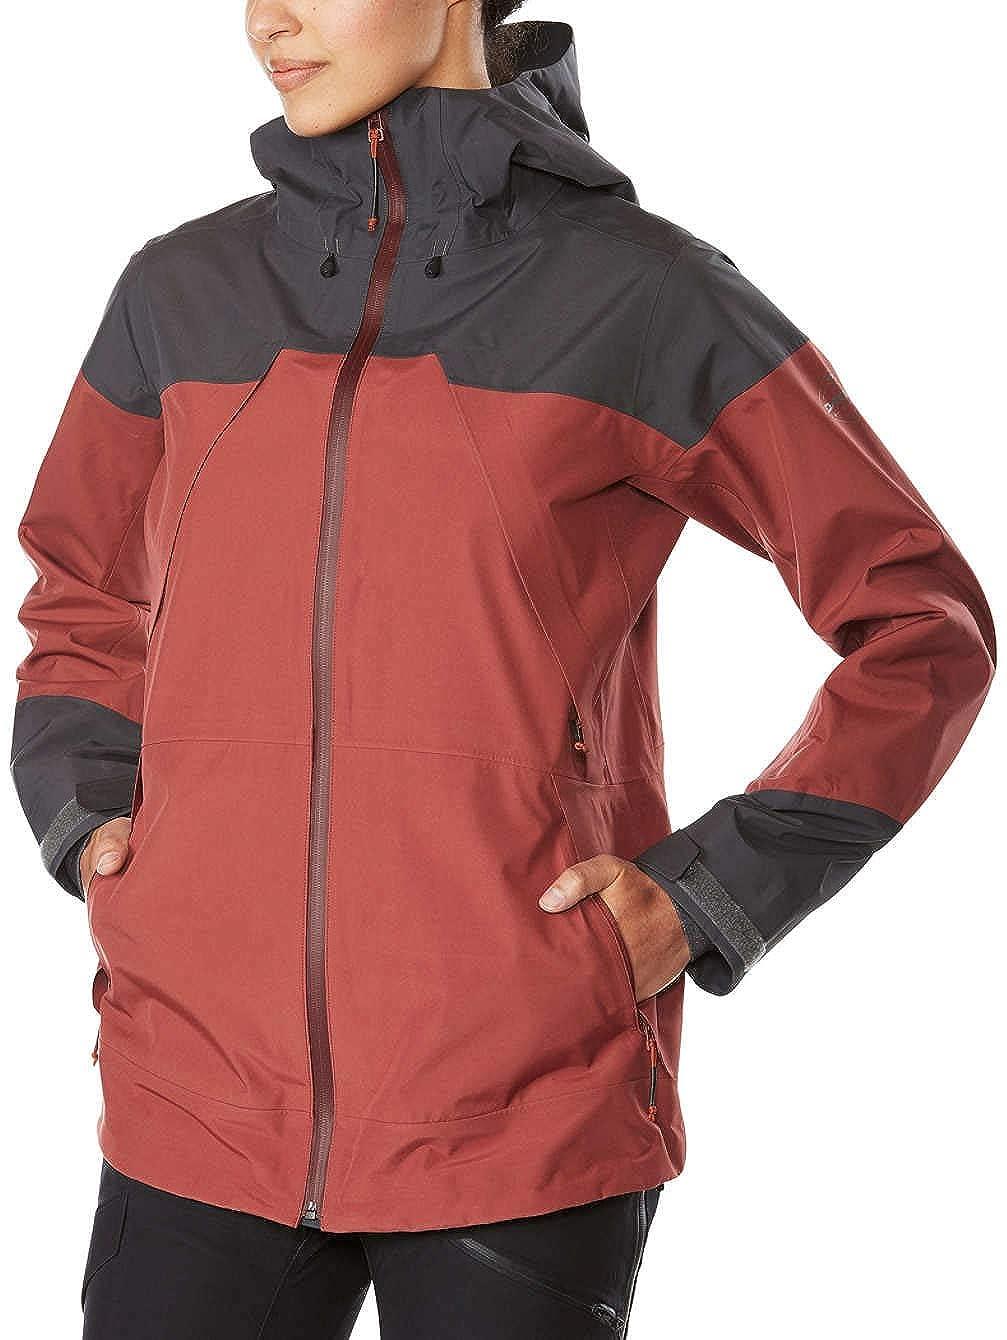 Burnt pink, Shadow Dakine 10000645 Women's Beretta GoreTex 3L Jacket